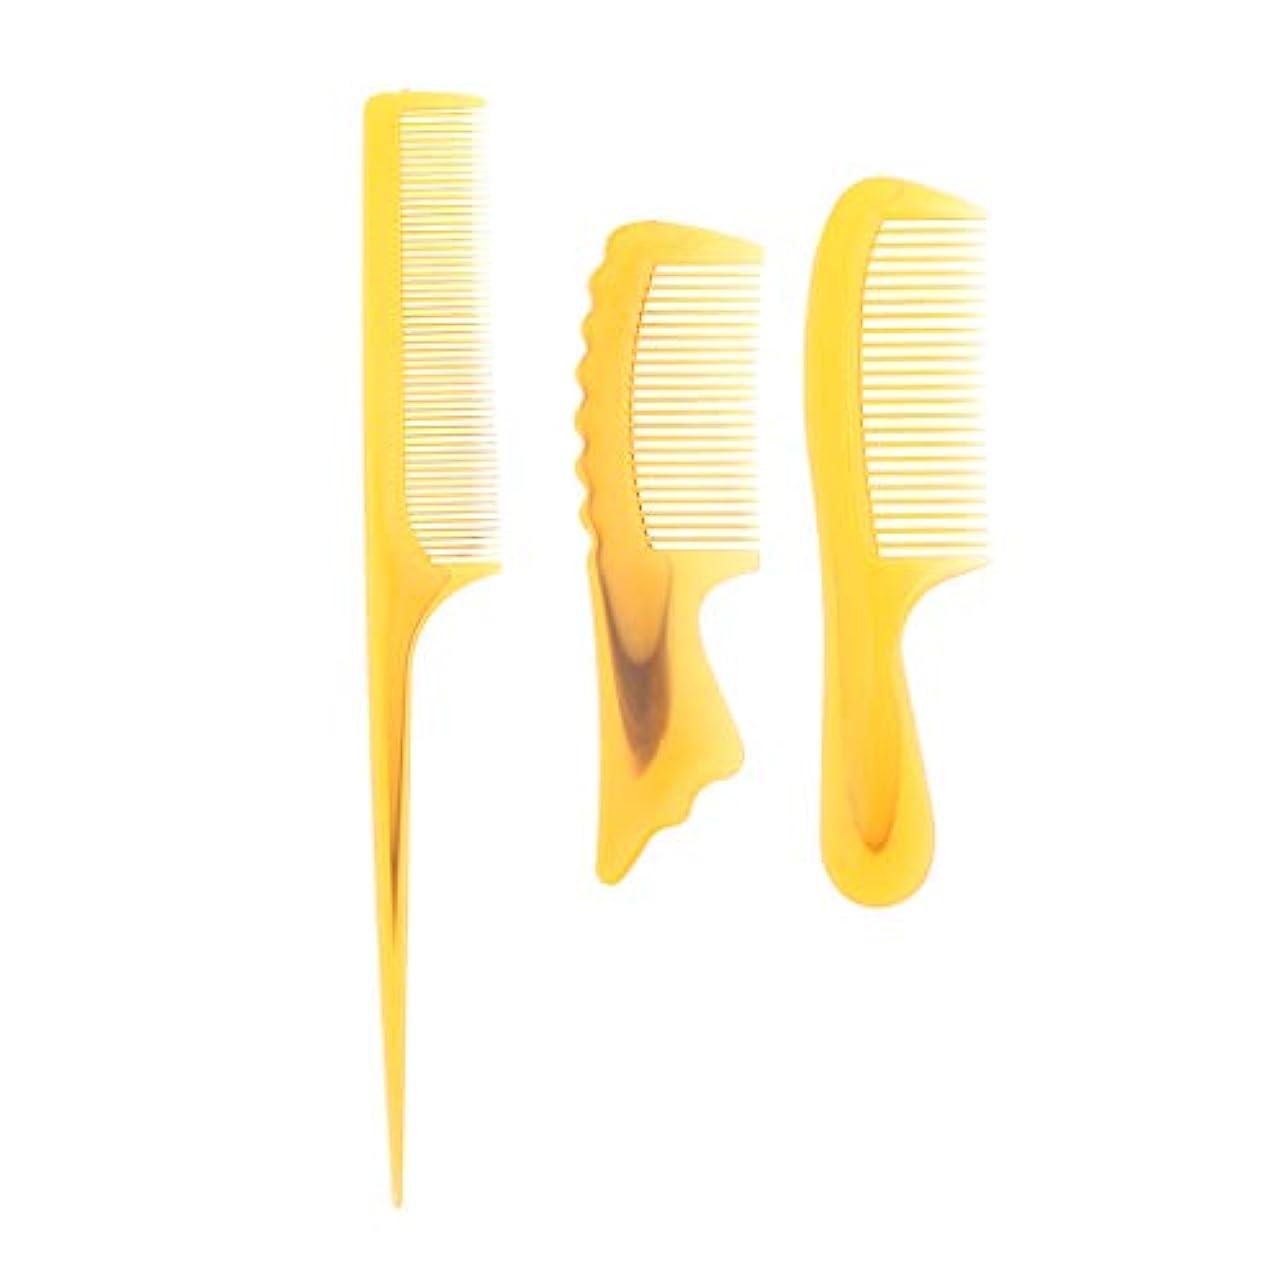 ピアノ神経ボンドB Baosity 3個 ヘアコーム 静電防止櫛 コーム 理髪 美容師 ヘアケア